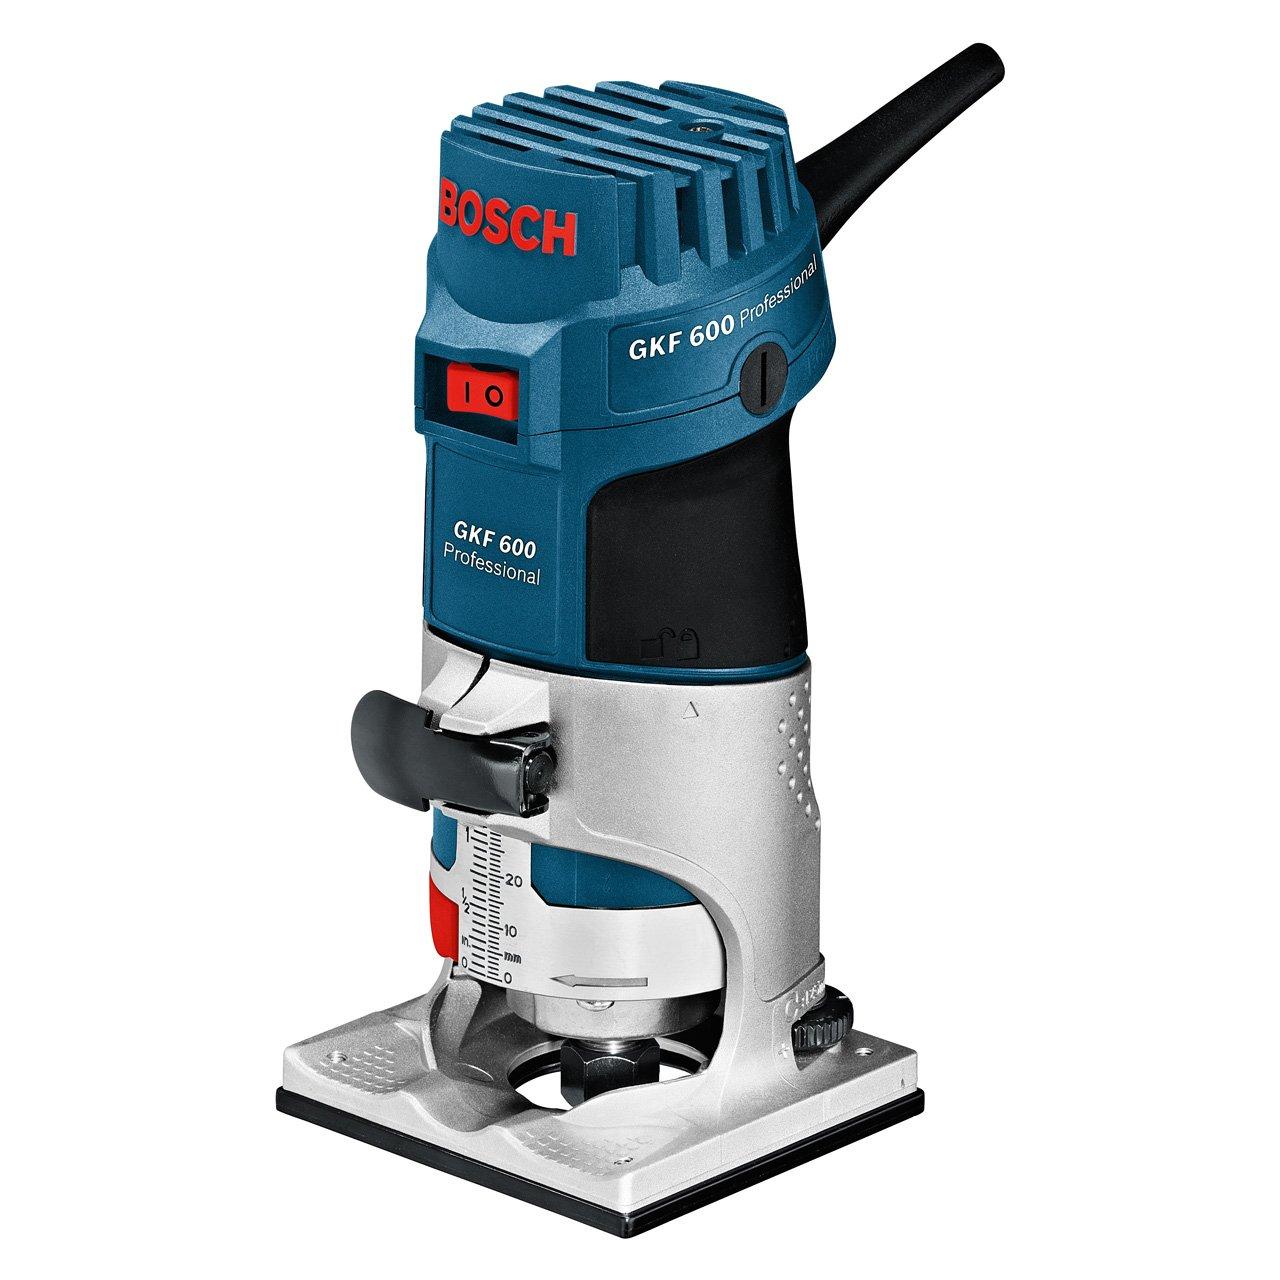 Bosch Professional GKF 600, 600 W Nennaufnahmeleistung, 33.000 min-1 Leerlaufdrehzahl, 6mm/8mm Werkzeugaufnahme, Fü hrungshilfe, L-BOXX 060160A102